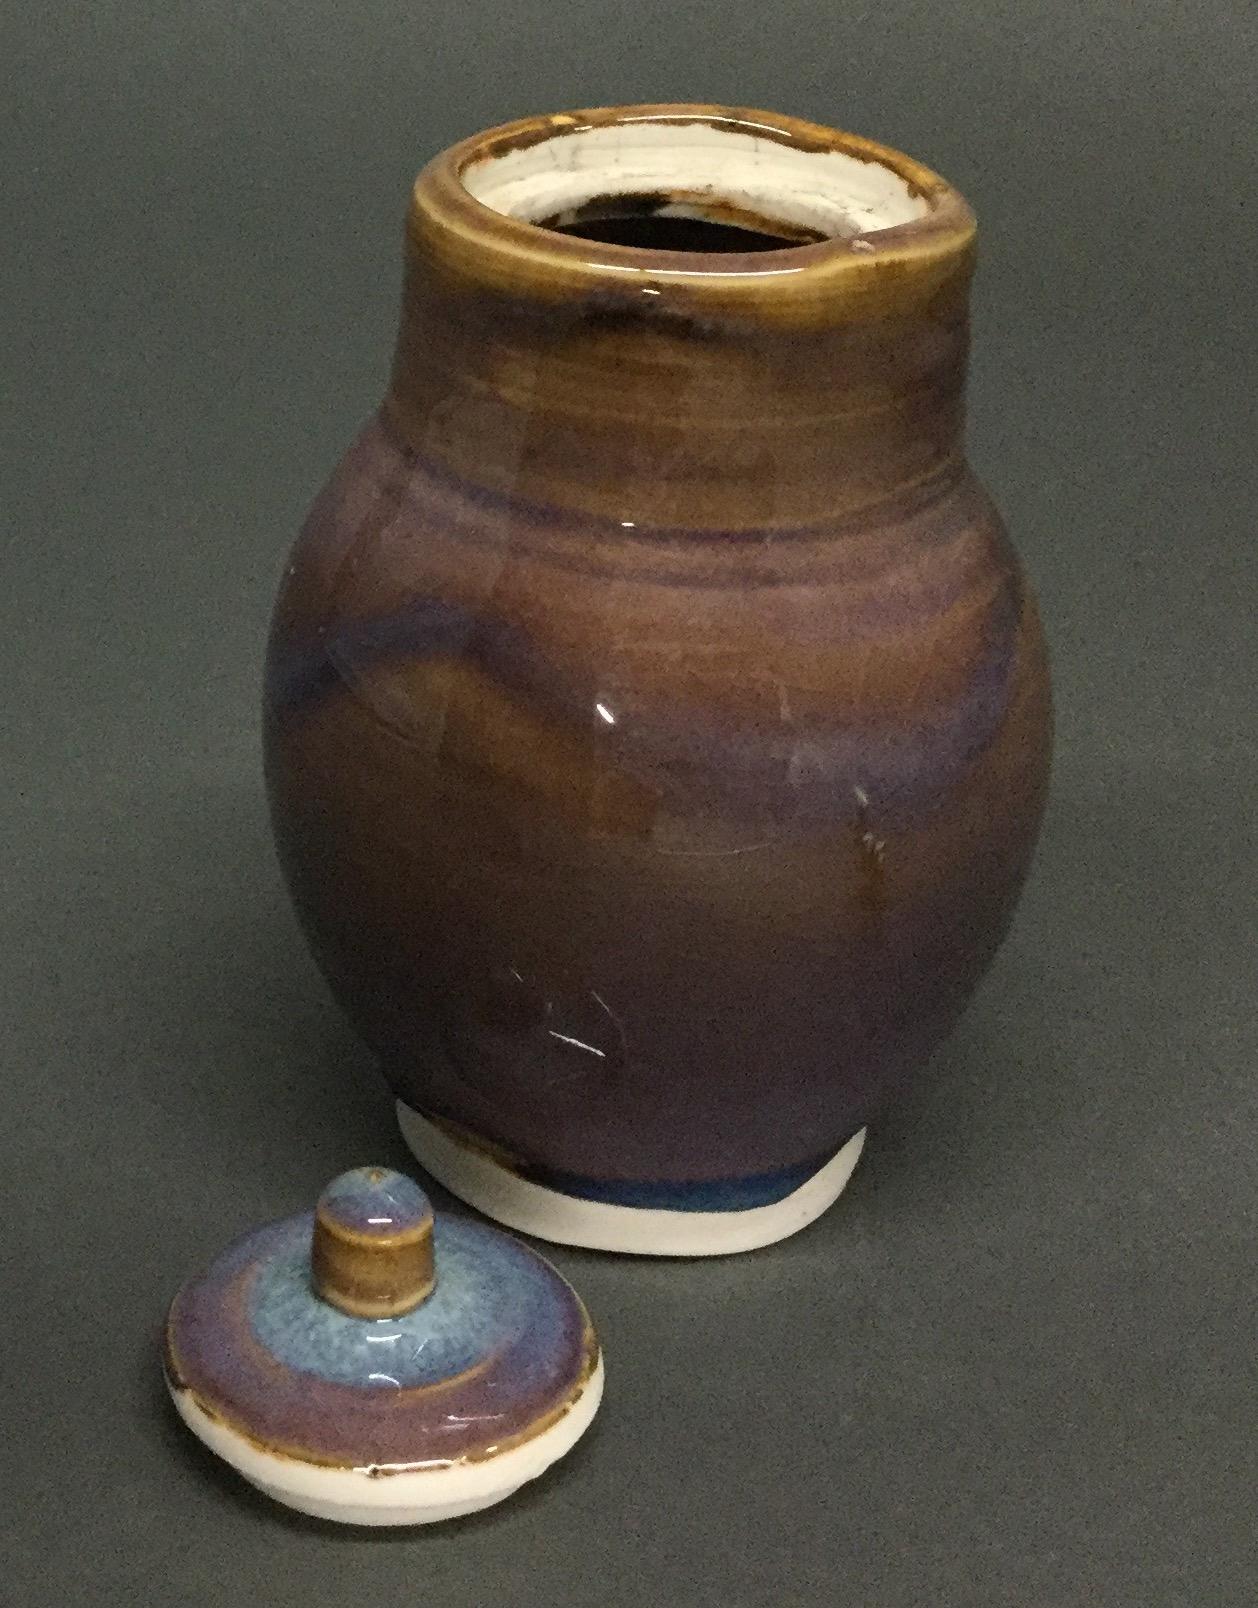 Porcelain-Jar-With-Lid_55362D.jpg